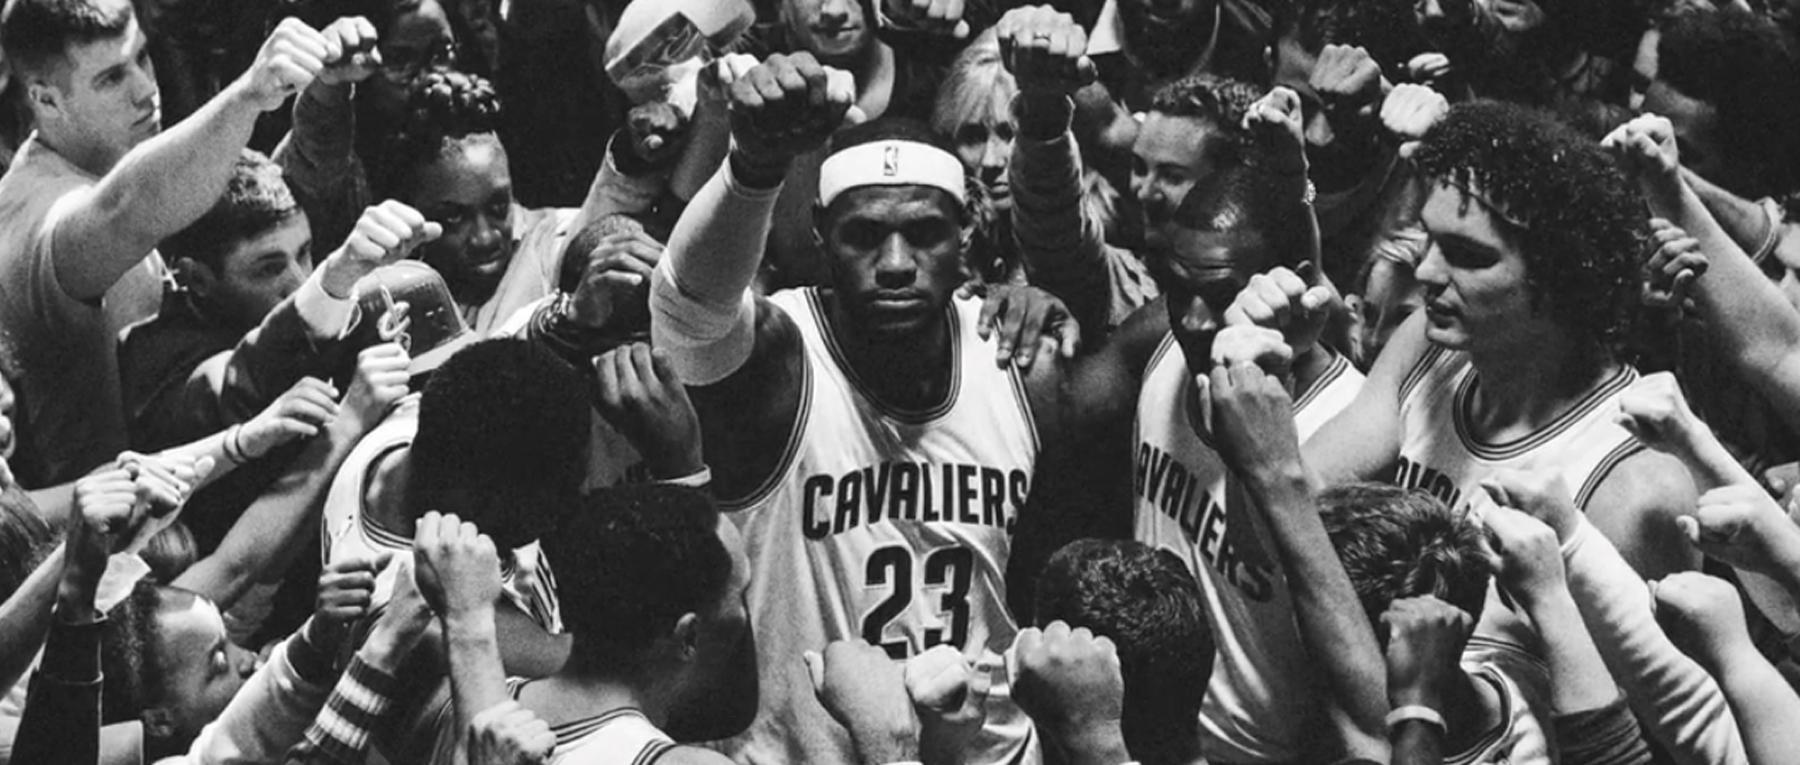 Watch Nike's short film celebrating @KingJames return to Cleveland http://t.co/GVNSnhFHGp http://t.co/3NxRiQSjua